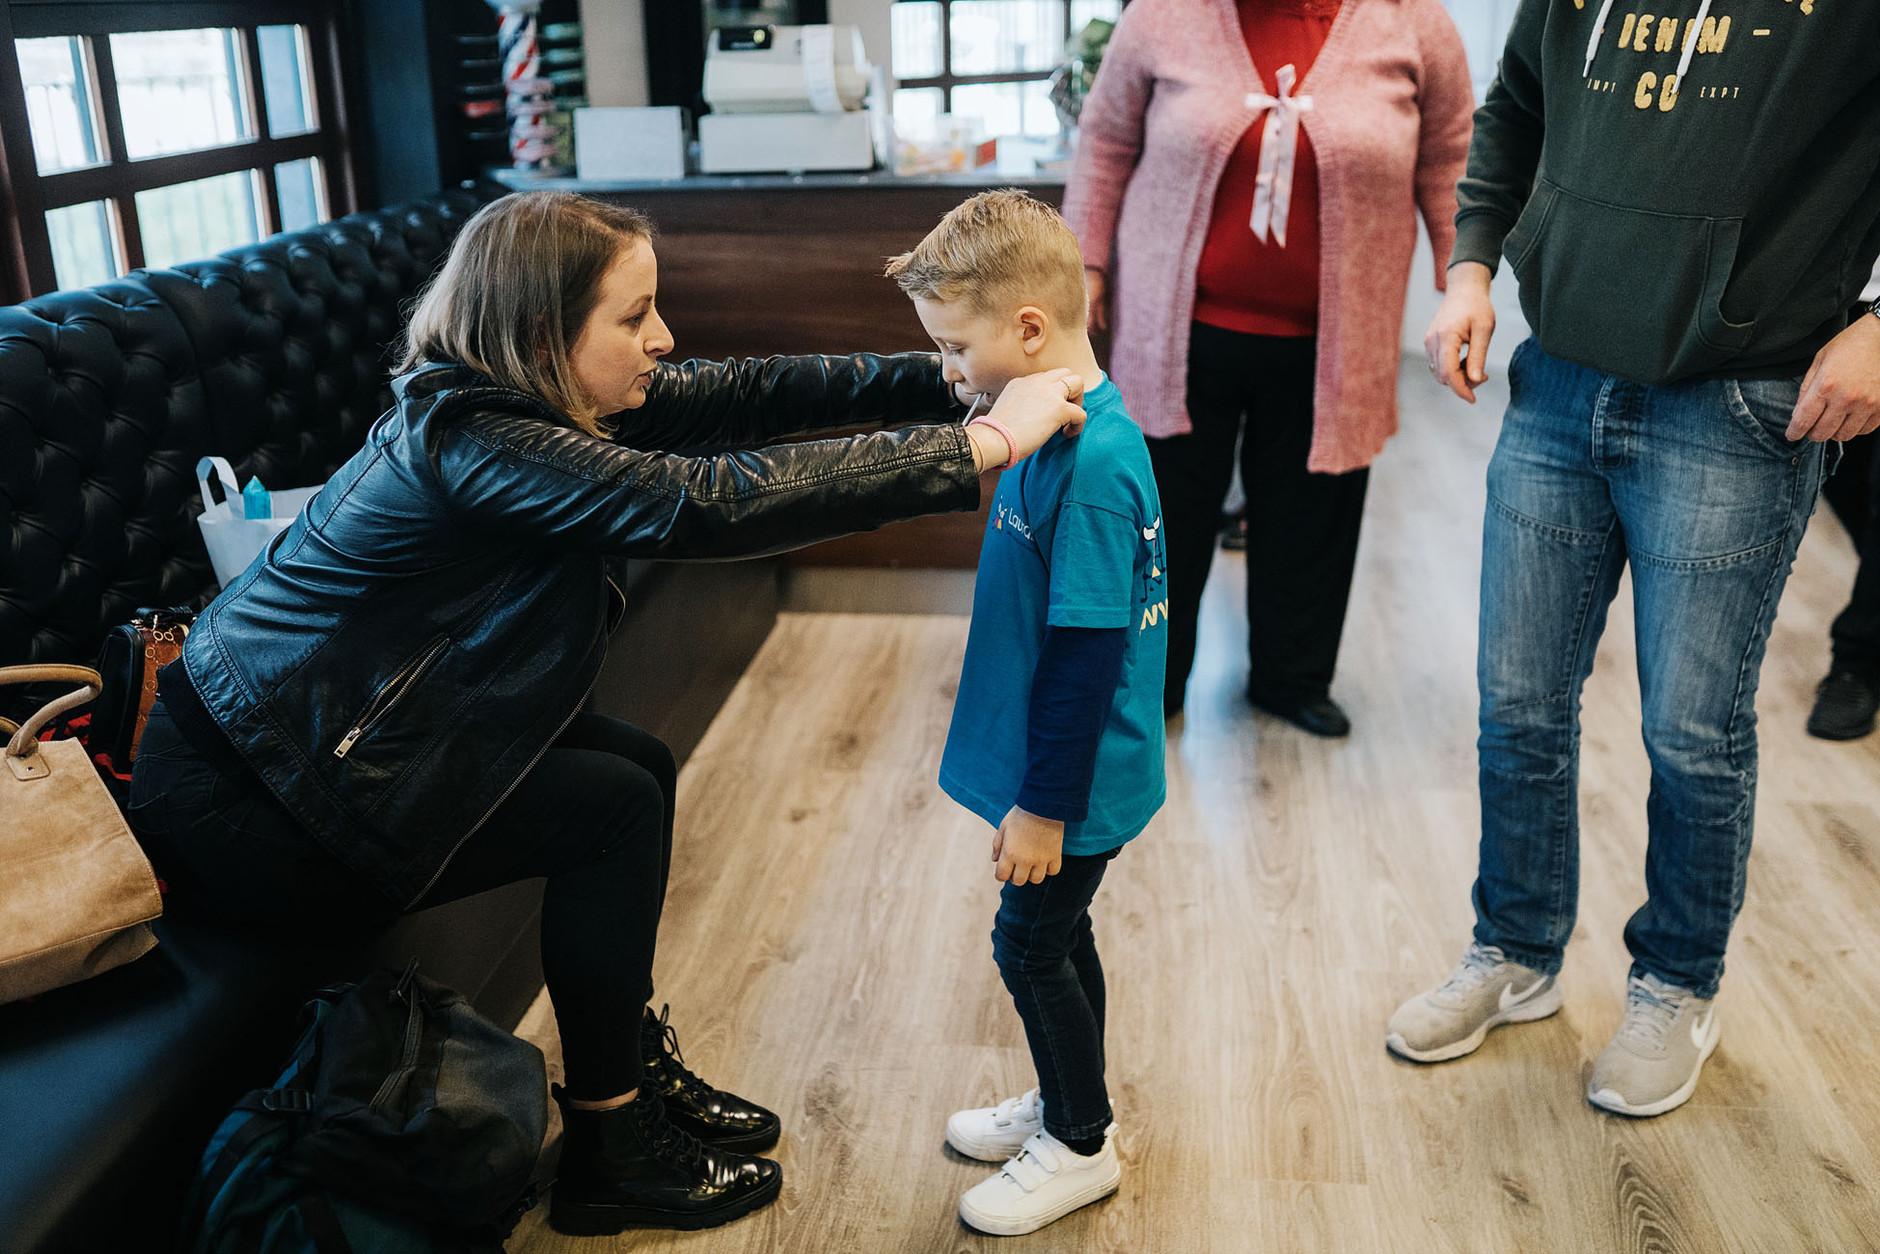 dublin-documentary-family-photography-finn-haircut-0041.jpg